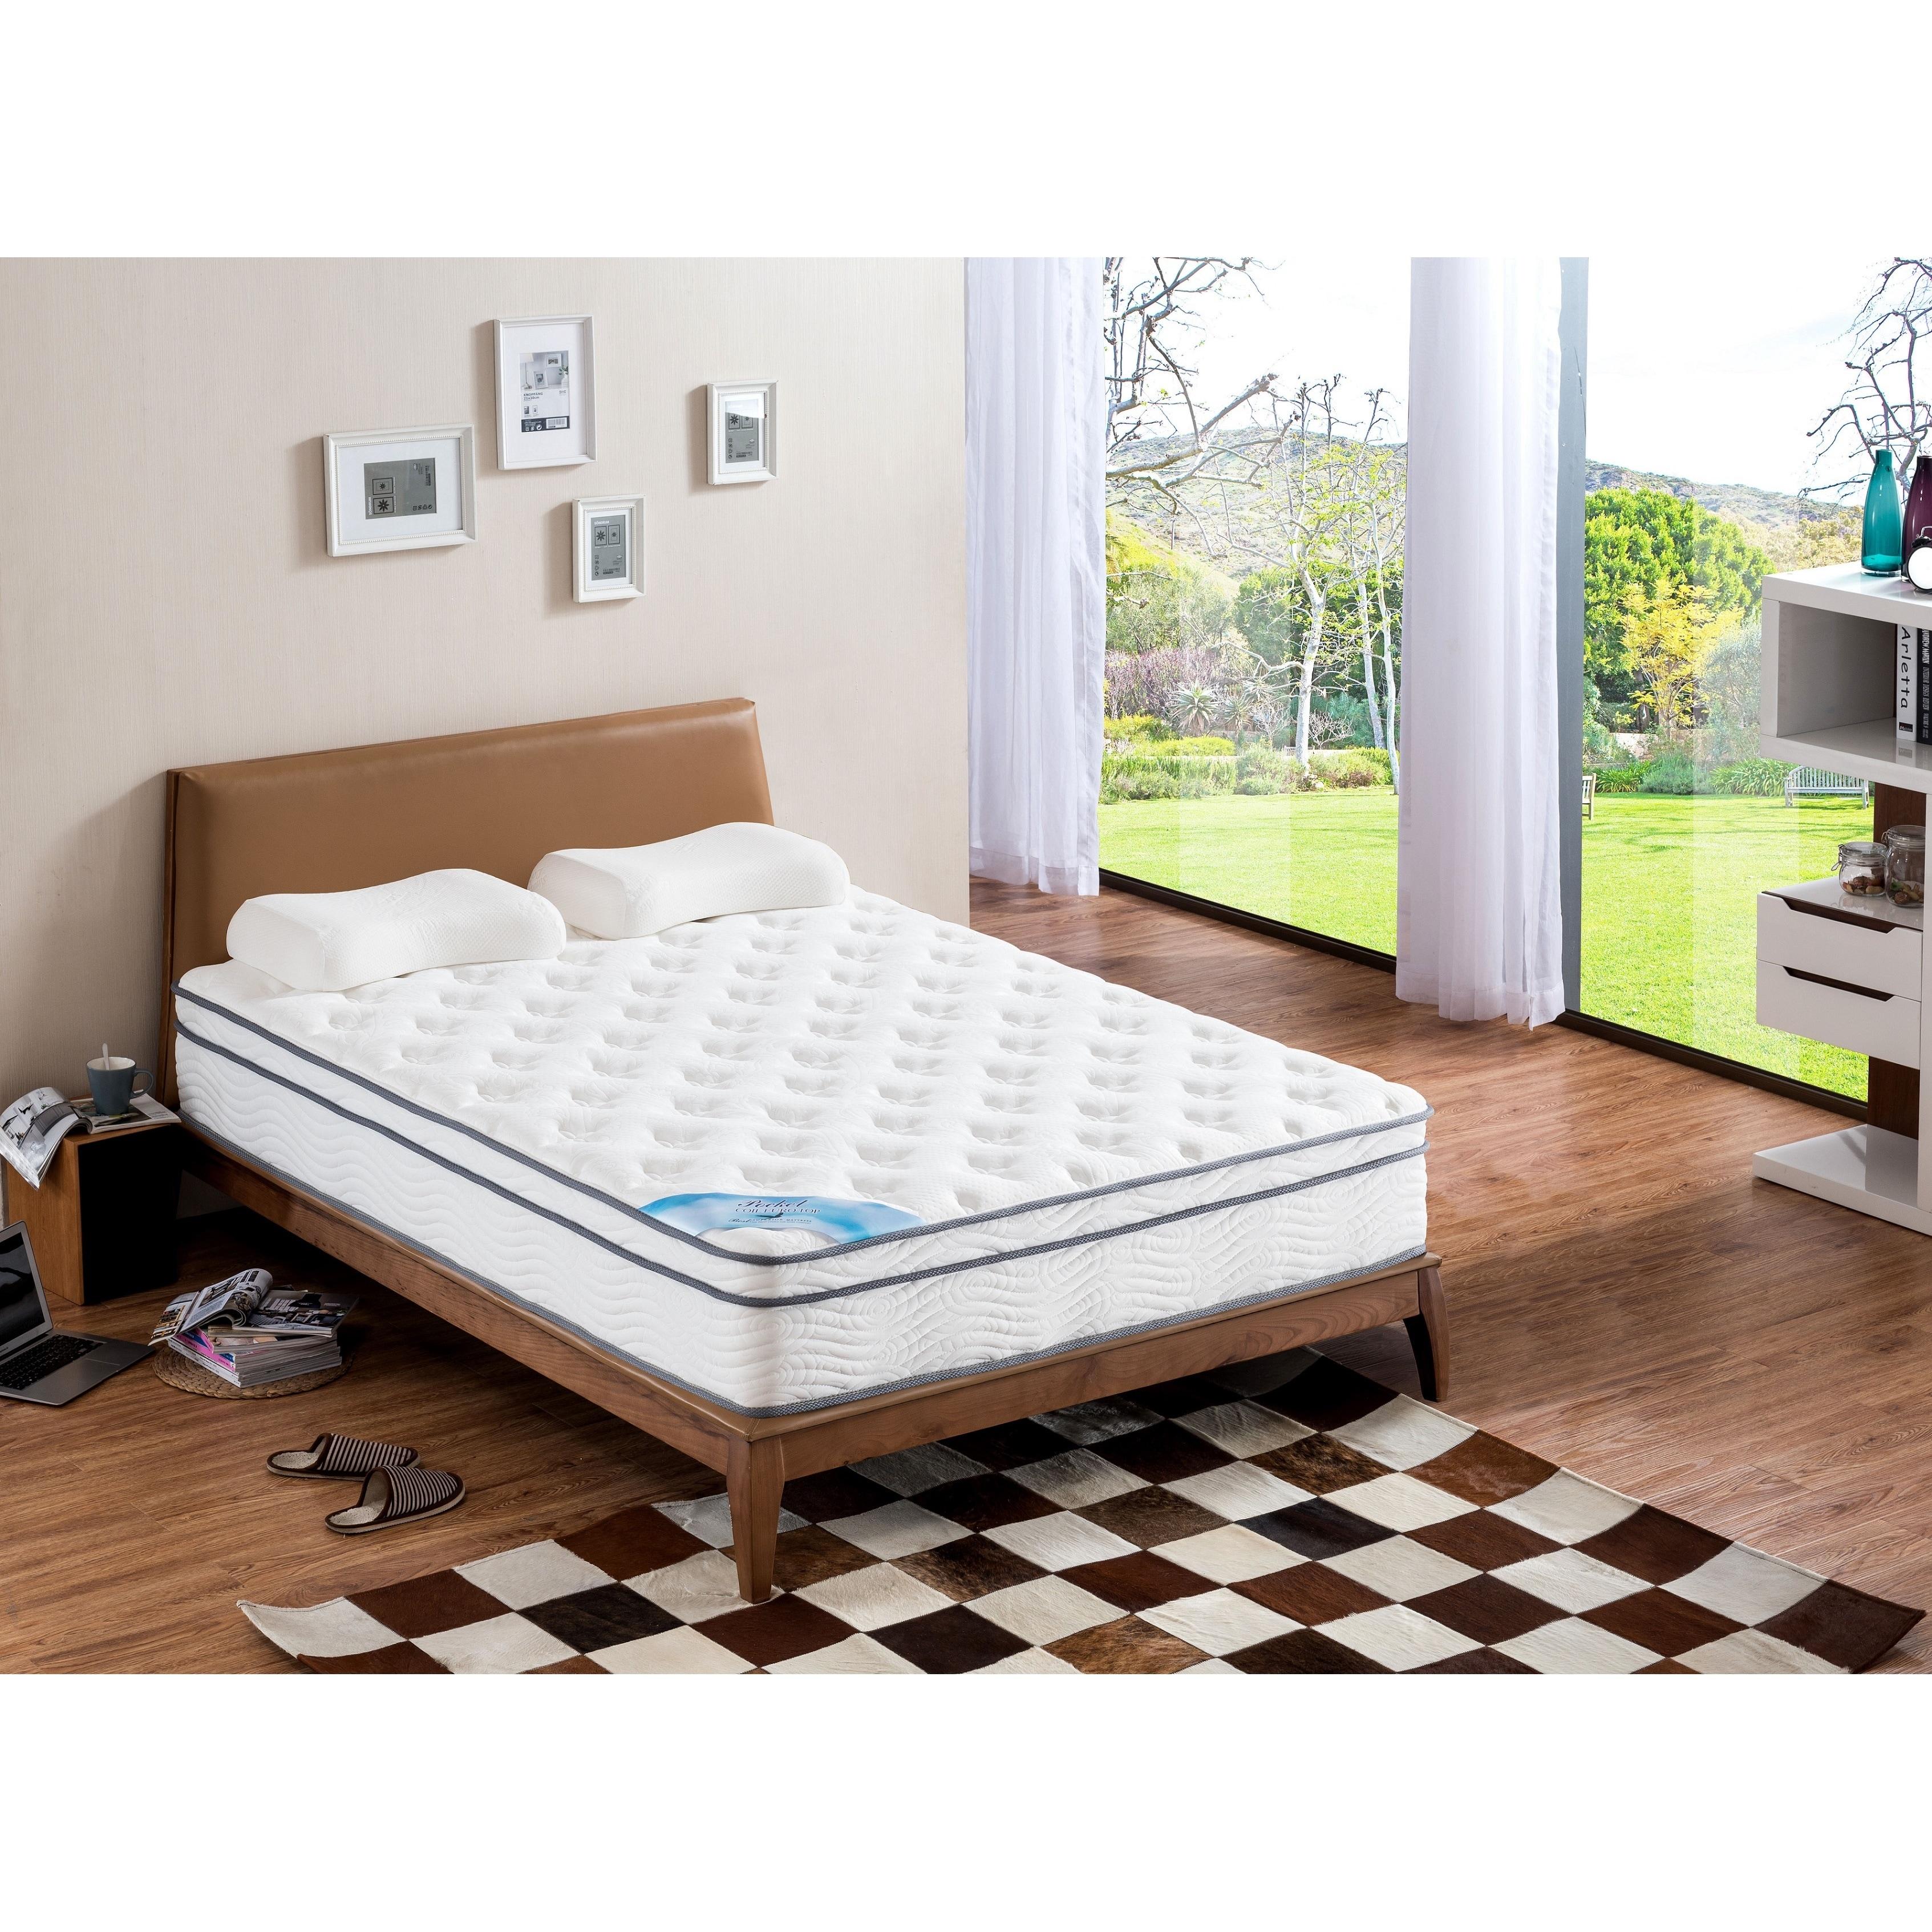 Pillow Top Full-size Pocket Spring Mattress - White (Full)